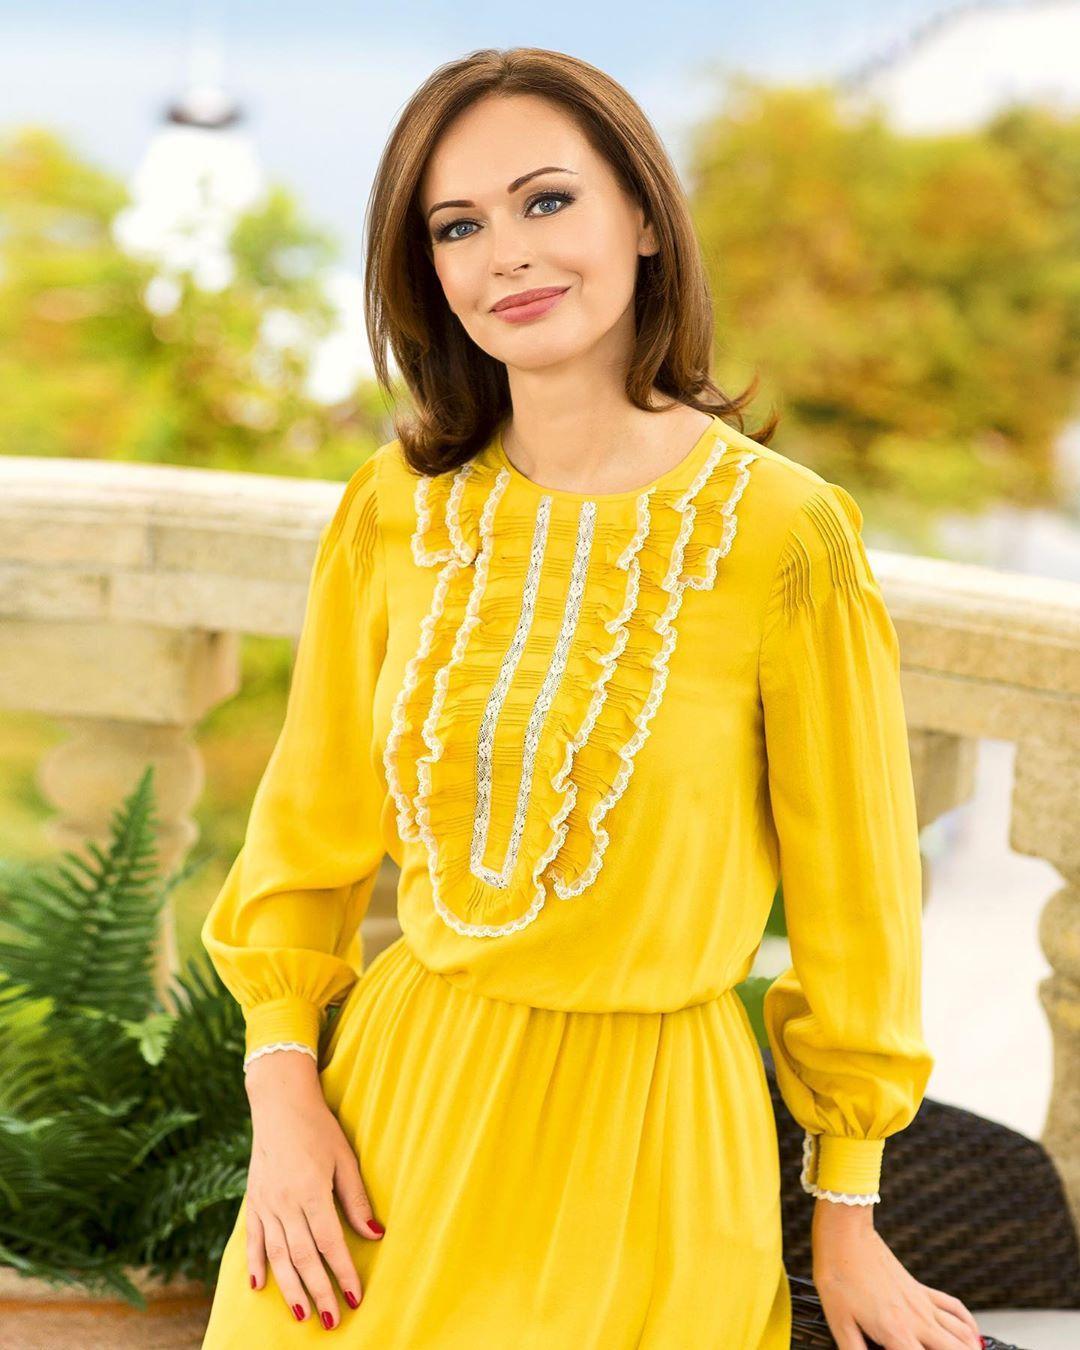 Мода беспощадна: Ирина Безрукова показала фото из модельного прошлого